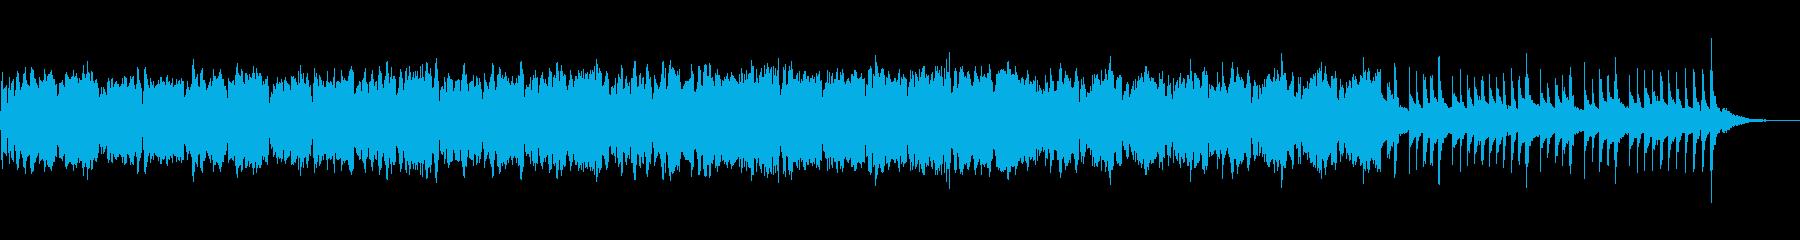 アコーディオンとオケのゆったり音楽の再生済みの波形